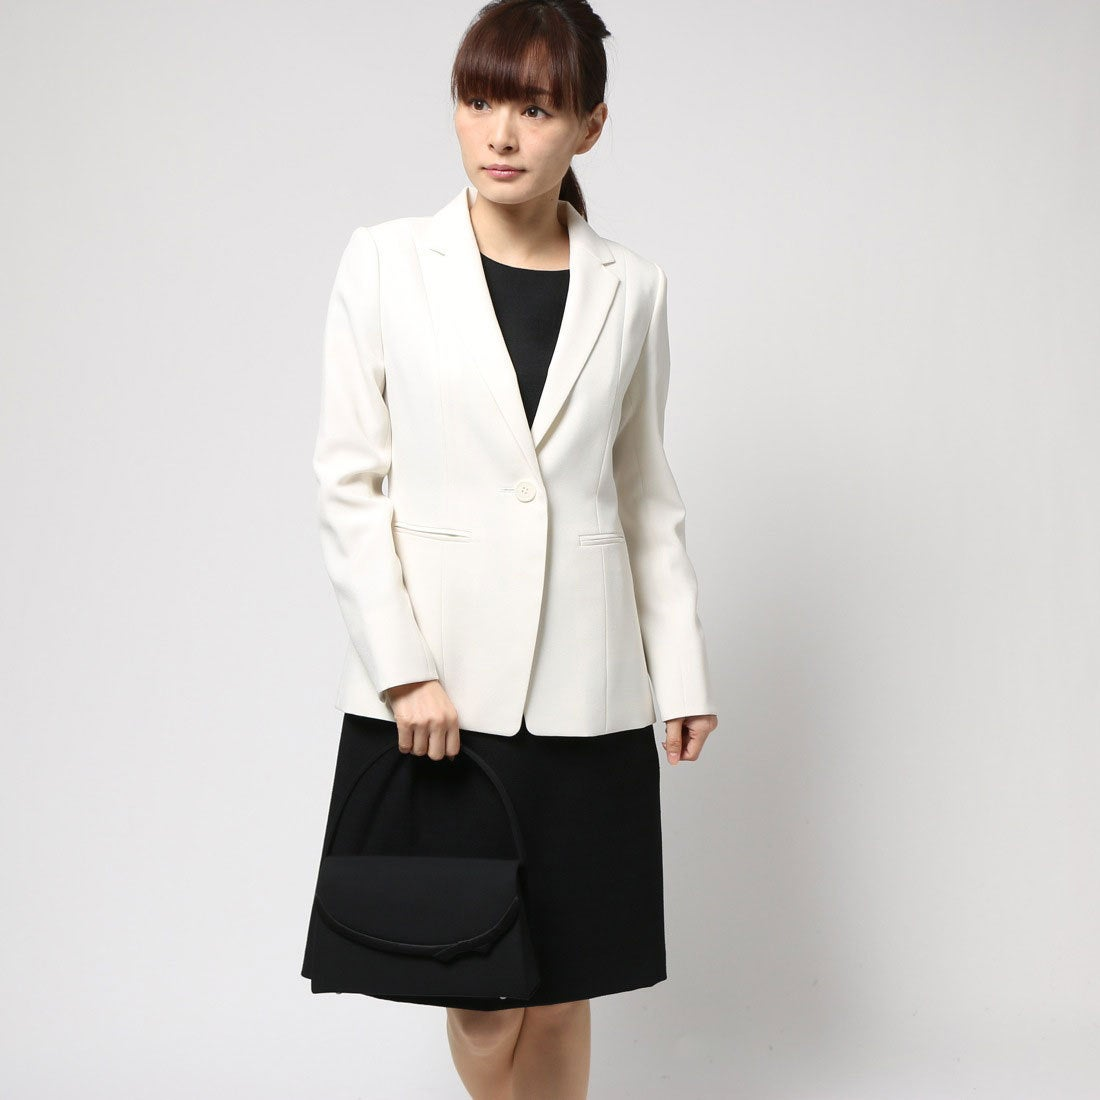 d28caf56a397d ブラックギャラリー BLACK GALLERY ロングテーラードジャケットとワンピのアンサンブルスーツ (アイボリー) [ブラックフォーマル 喪服  礼服] -靴&ファッション ...